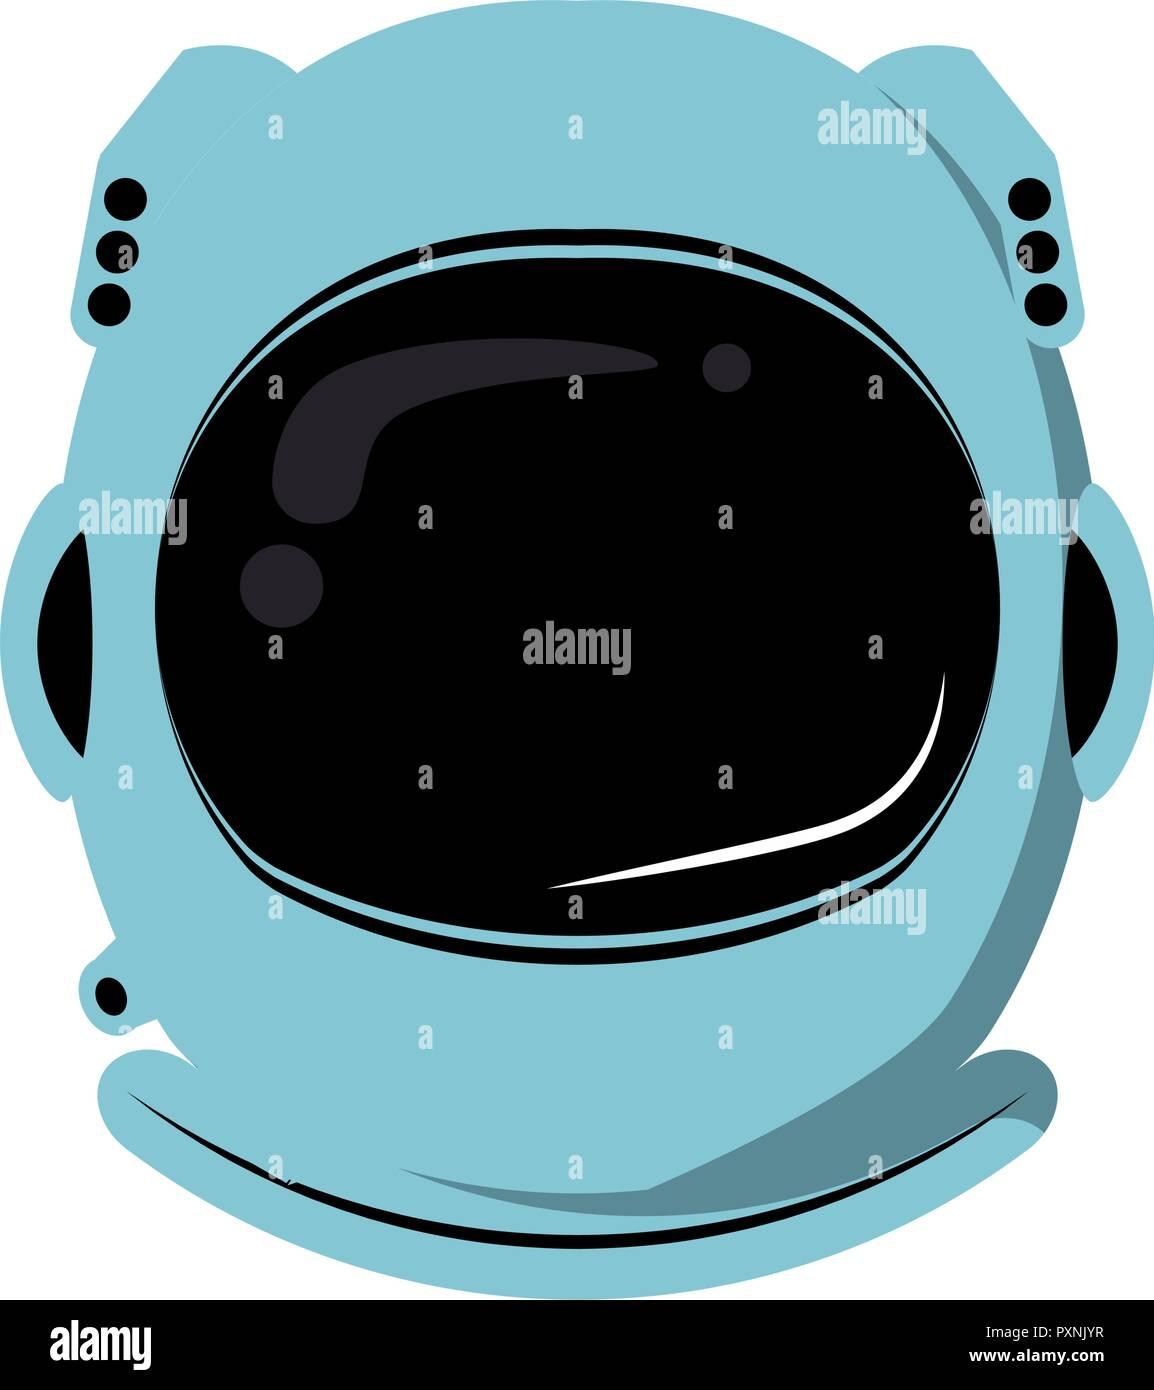 Astronaut helmet equipment - Stock Vector